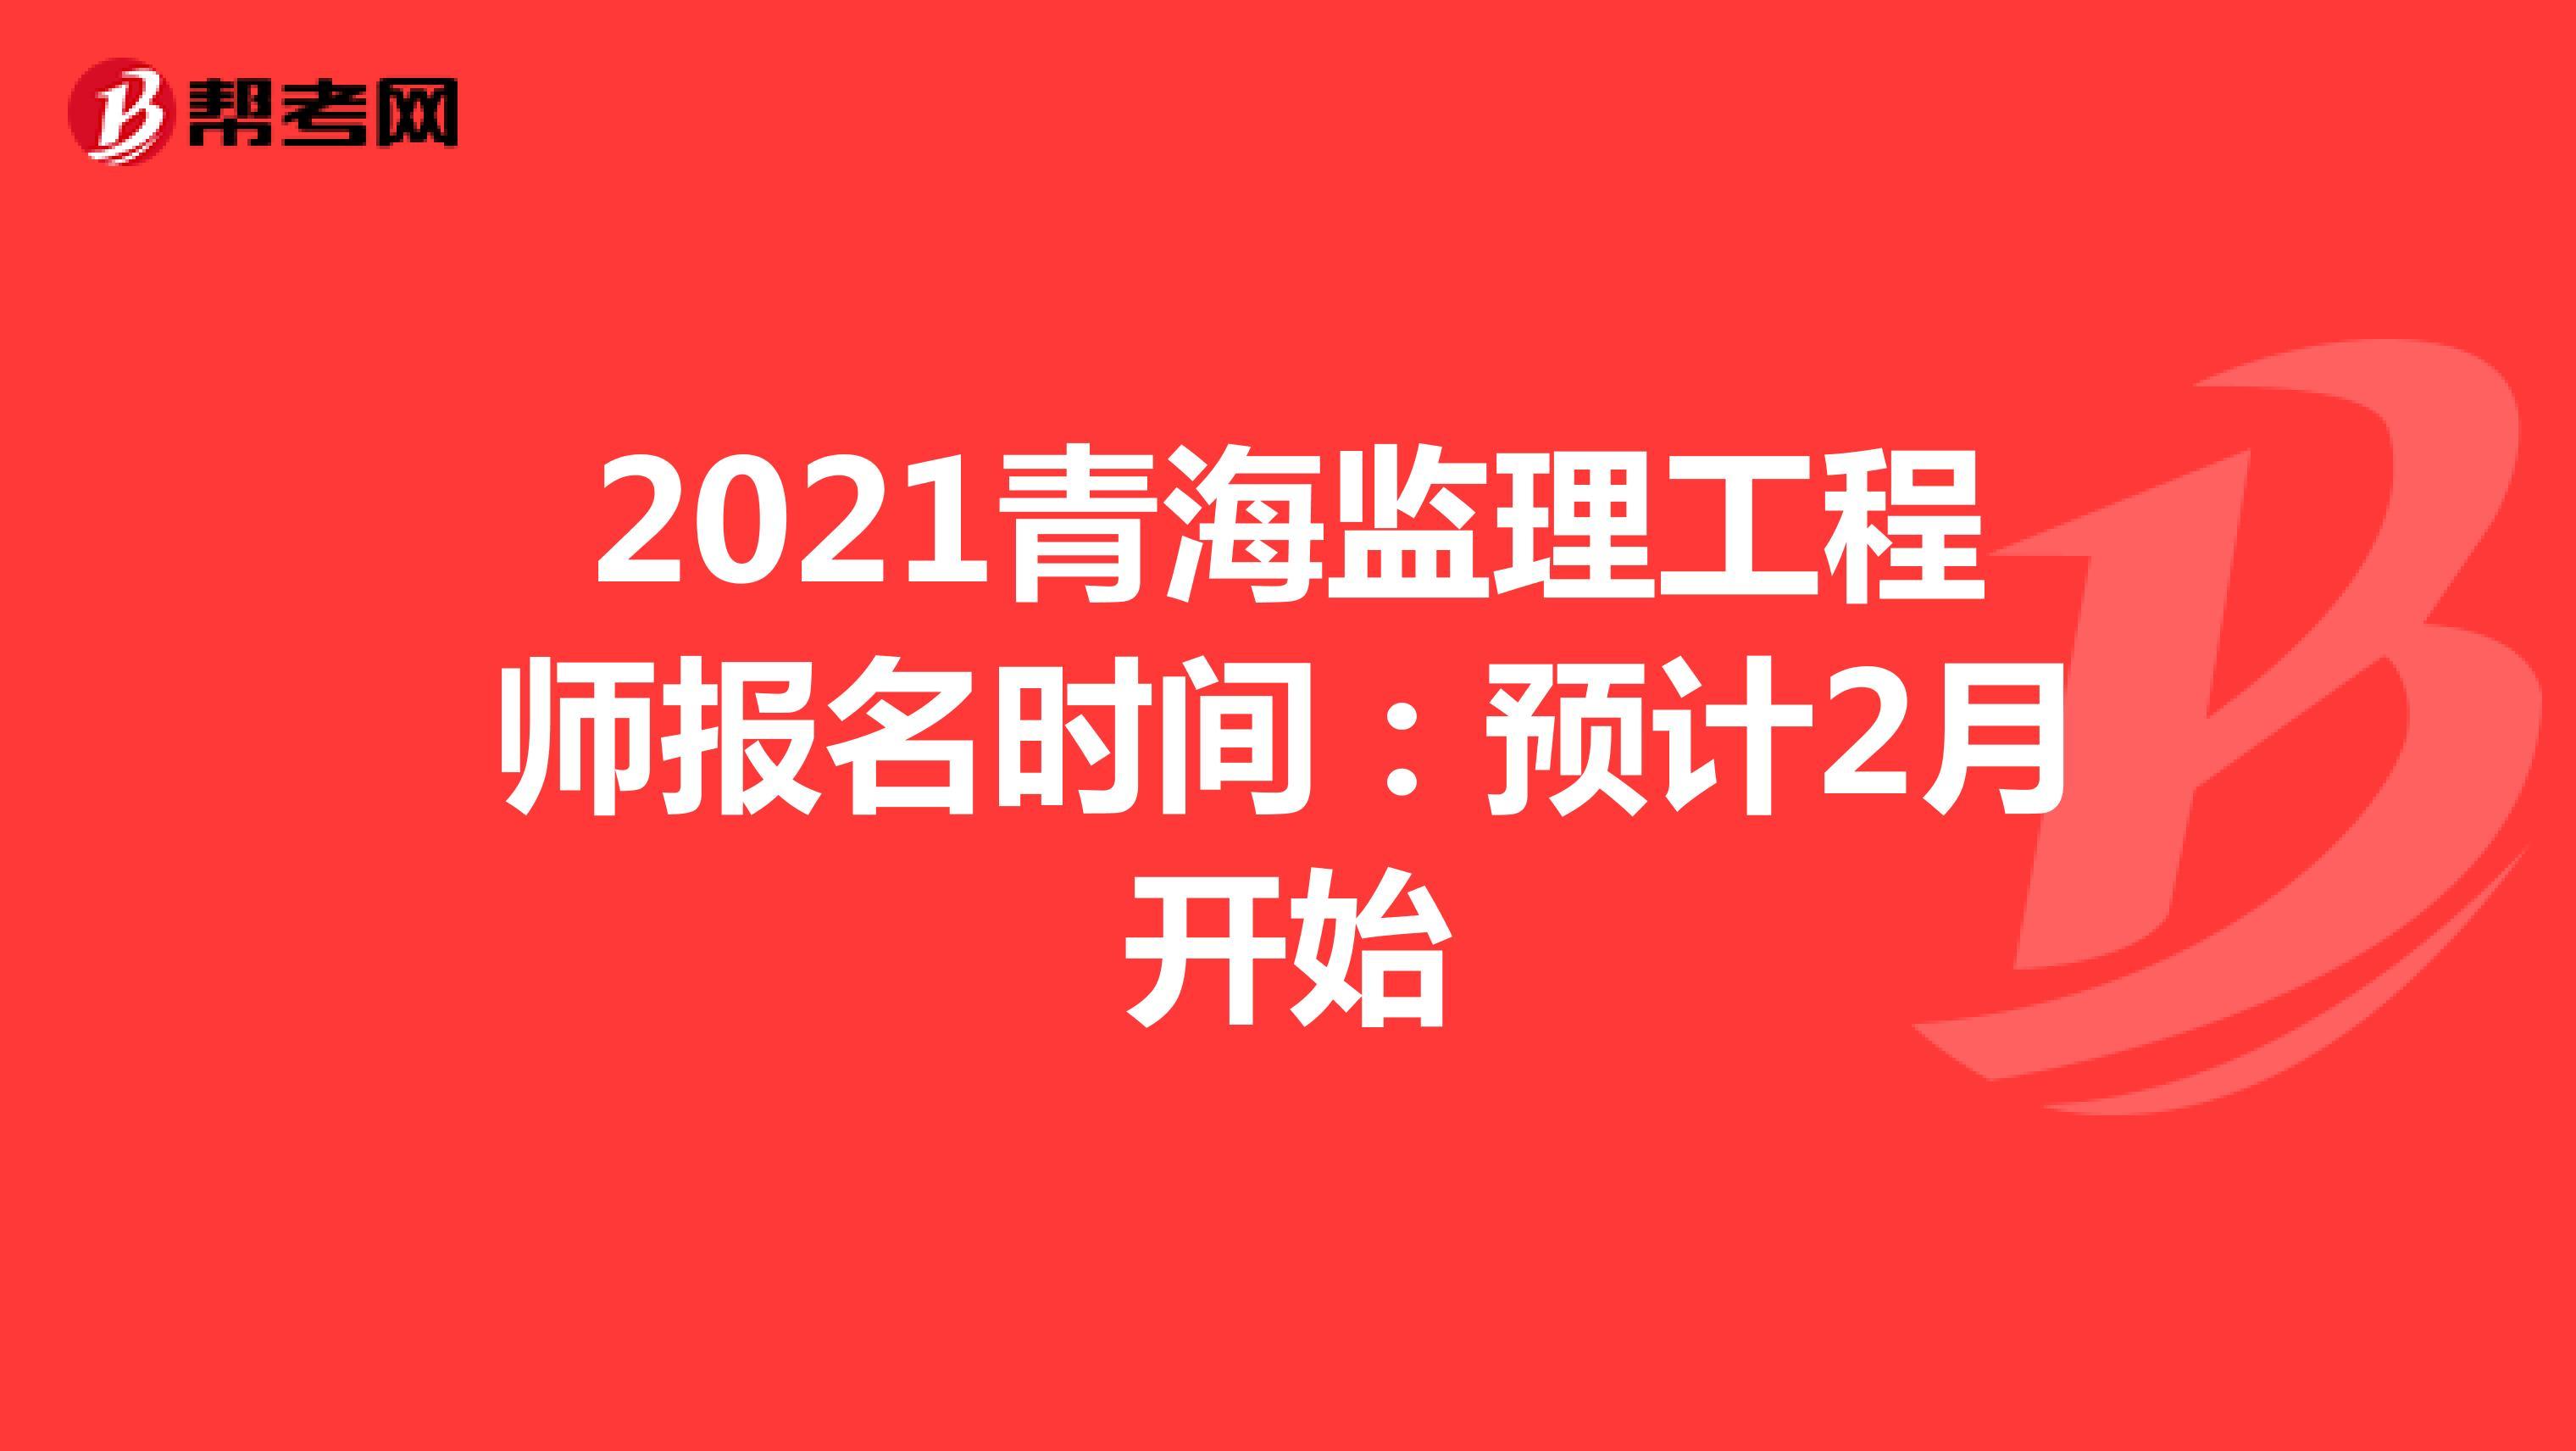 2021青海监理工程师报名时间:预计2月开始